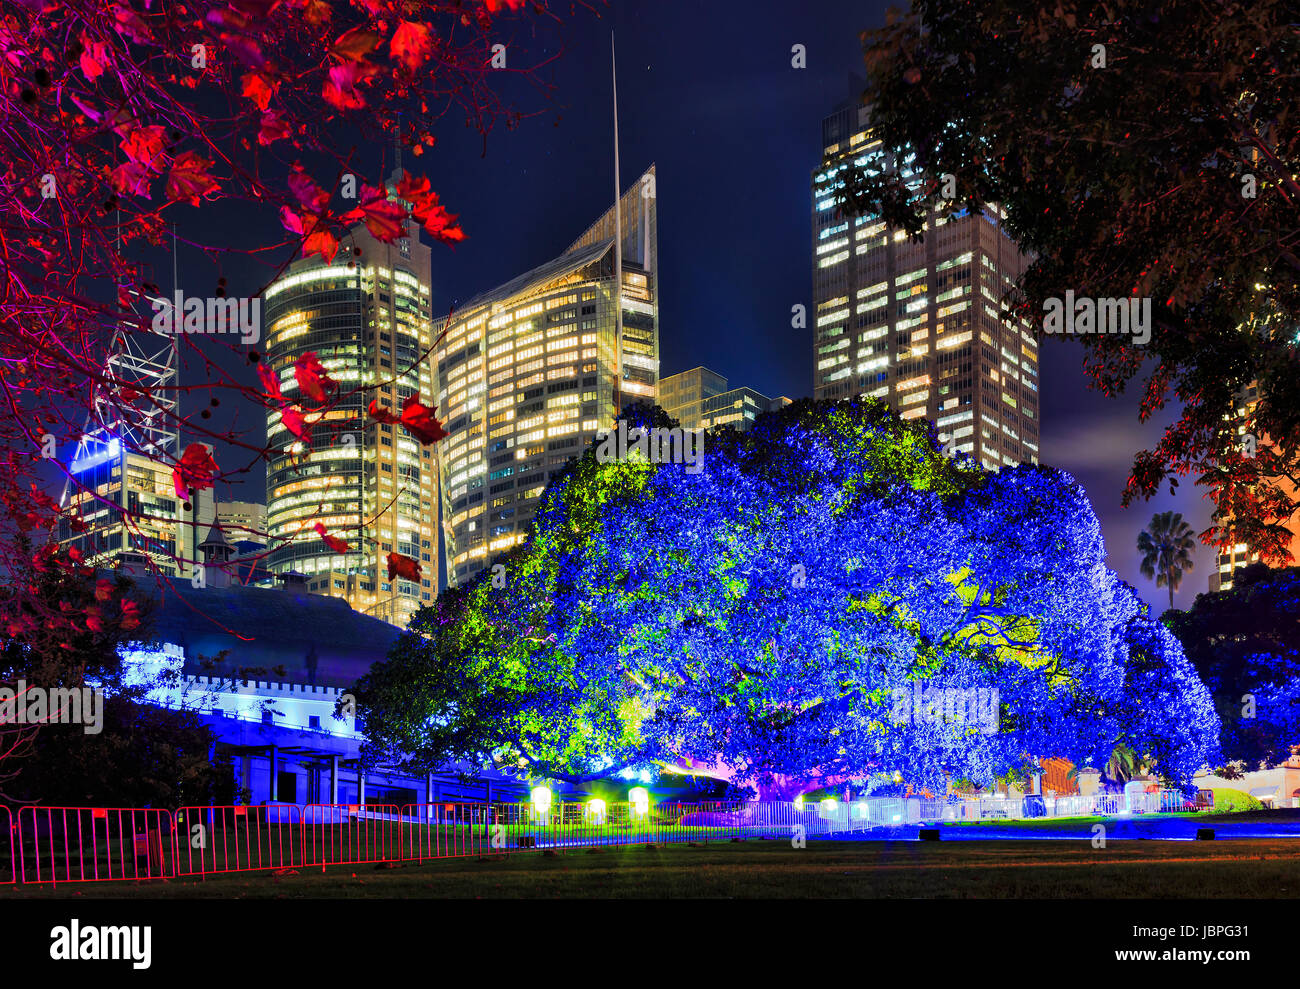 Royal Botanic Gardens Sydney big tree éclairées en lumière bleue contre CDB tours gratte-ciel Vivid Photo Stock